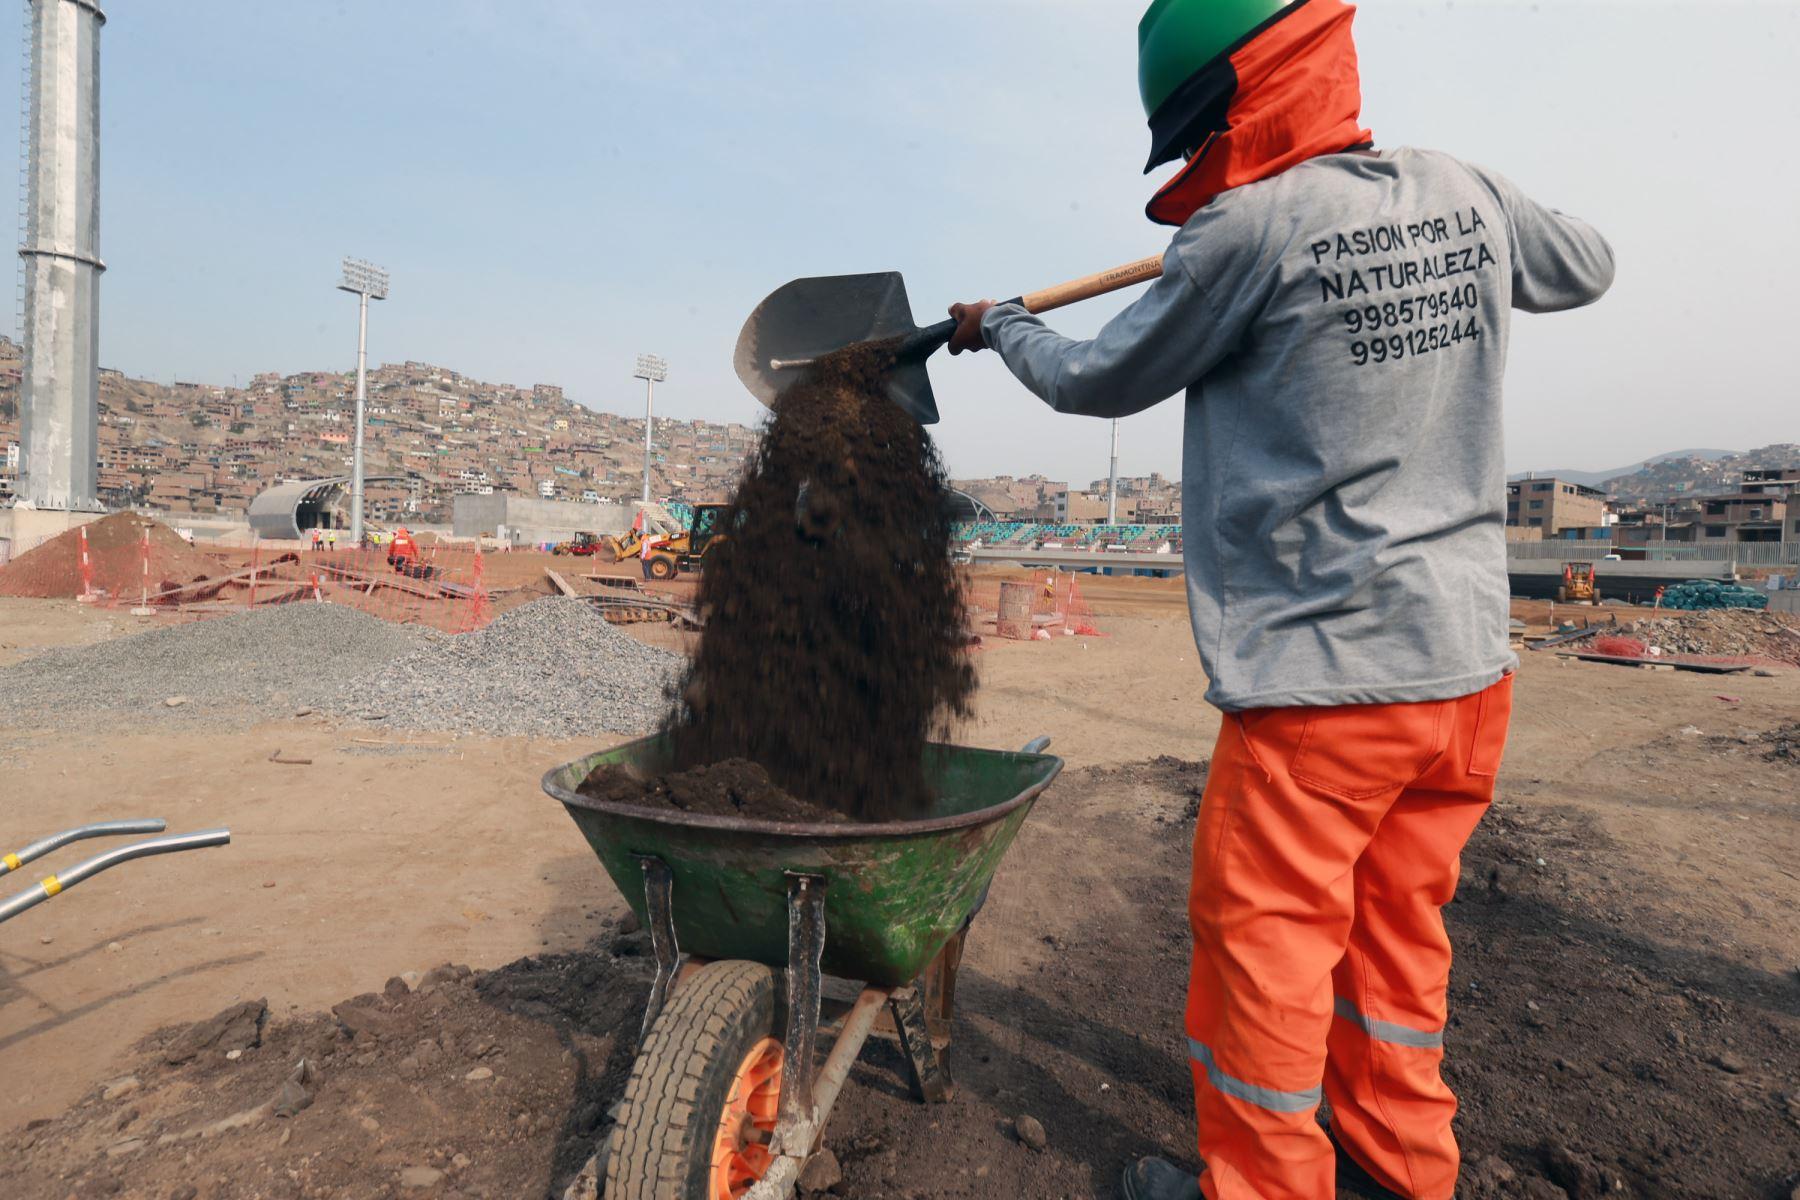 Avance de la construcción de  infraestructuras de las villas deportiva, en Villa Maria  del Triunfo; a ser usadas en los Juegos Panamericanos Lima 2019. Foto: ANDINA/Norman Córdova